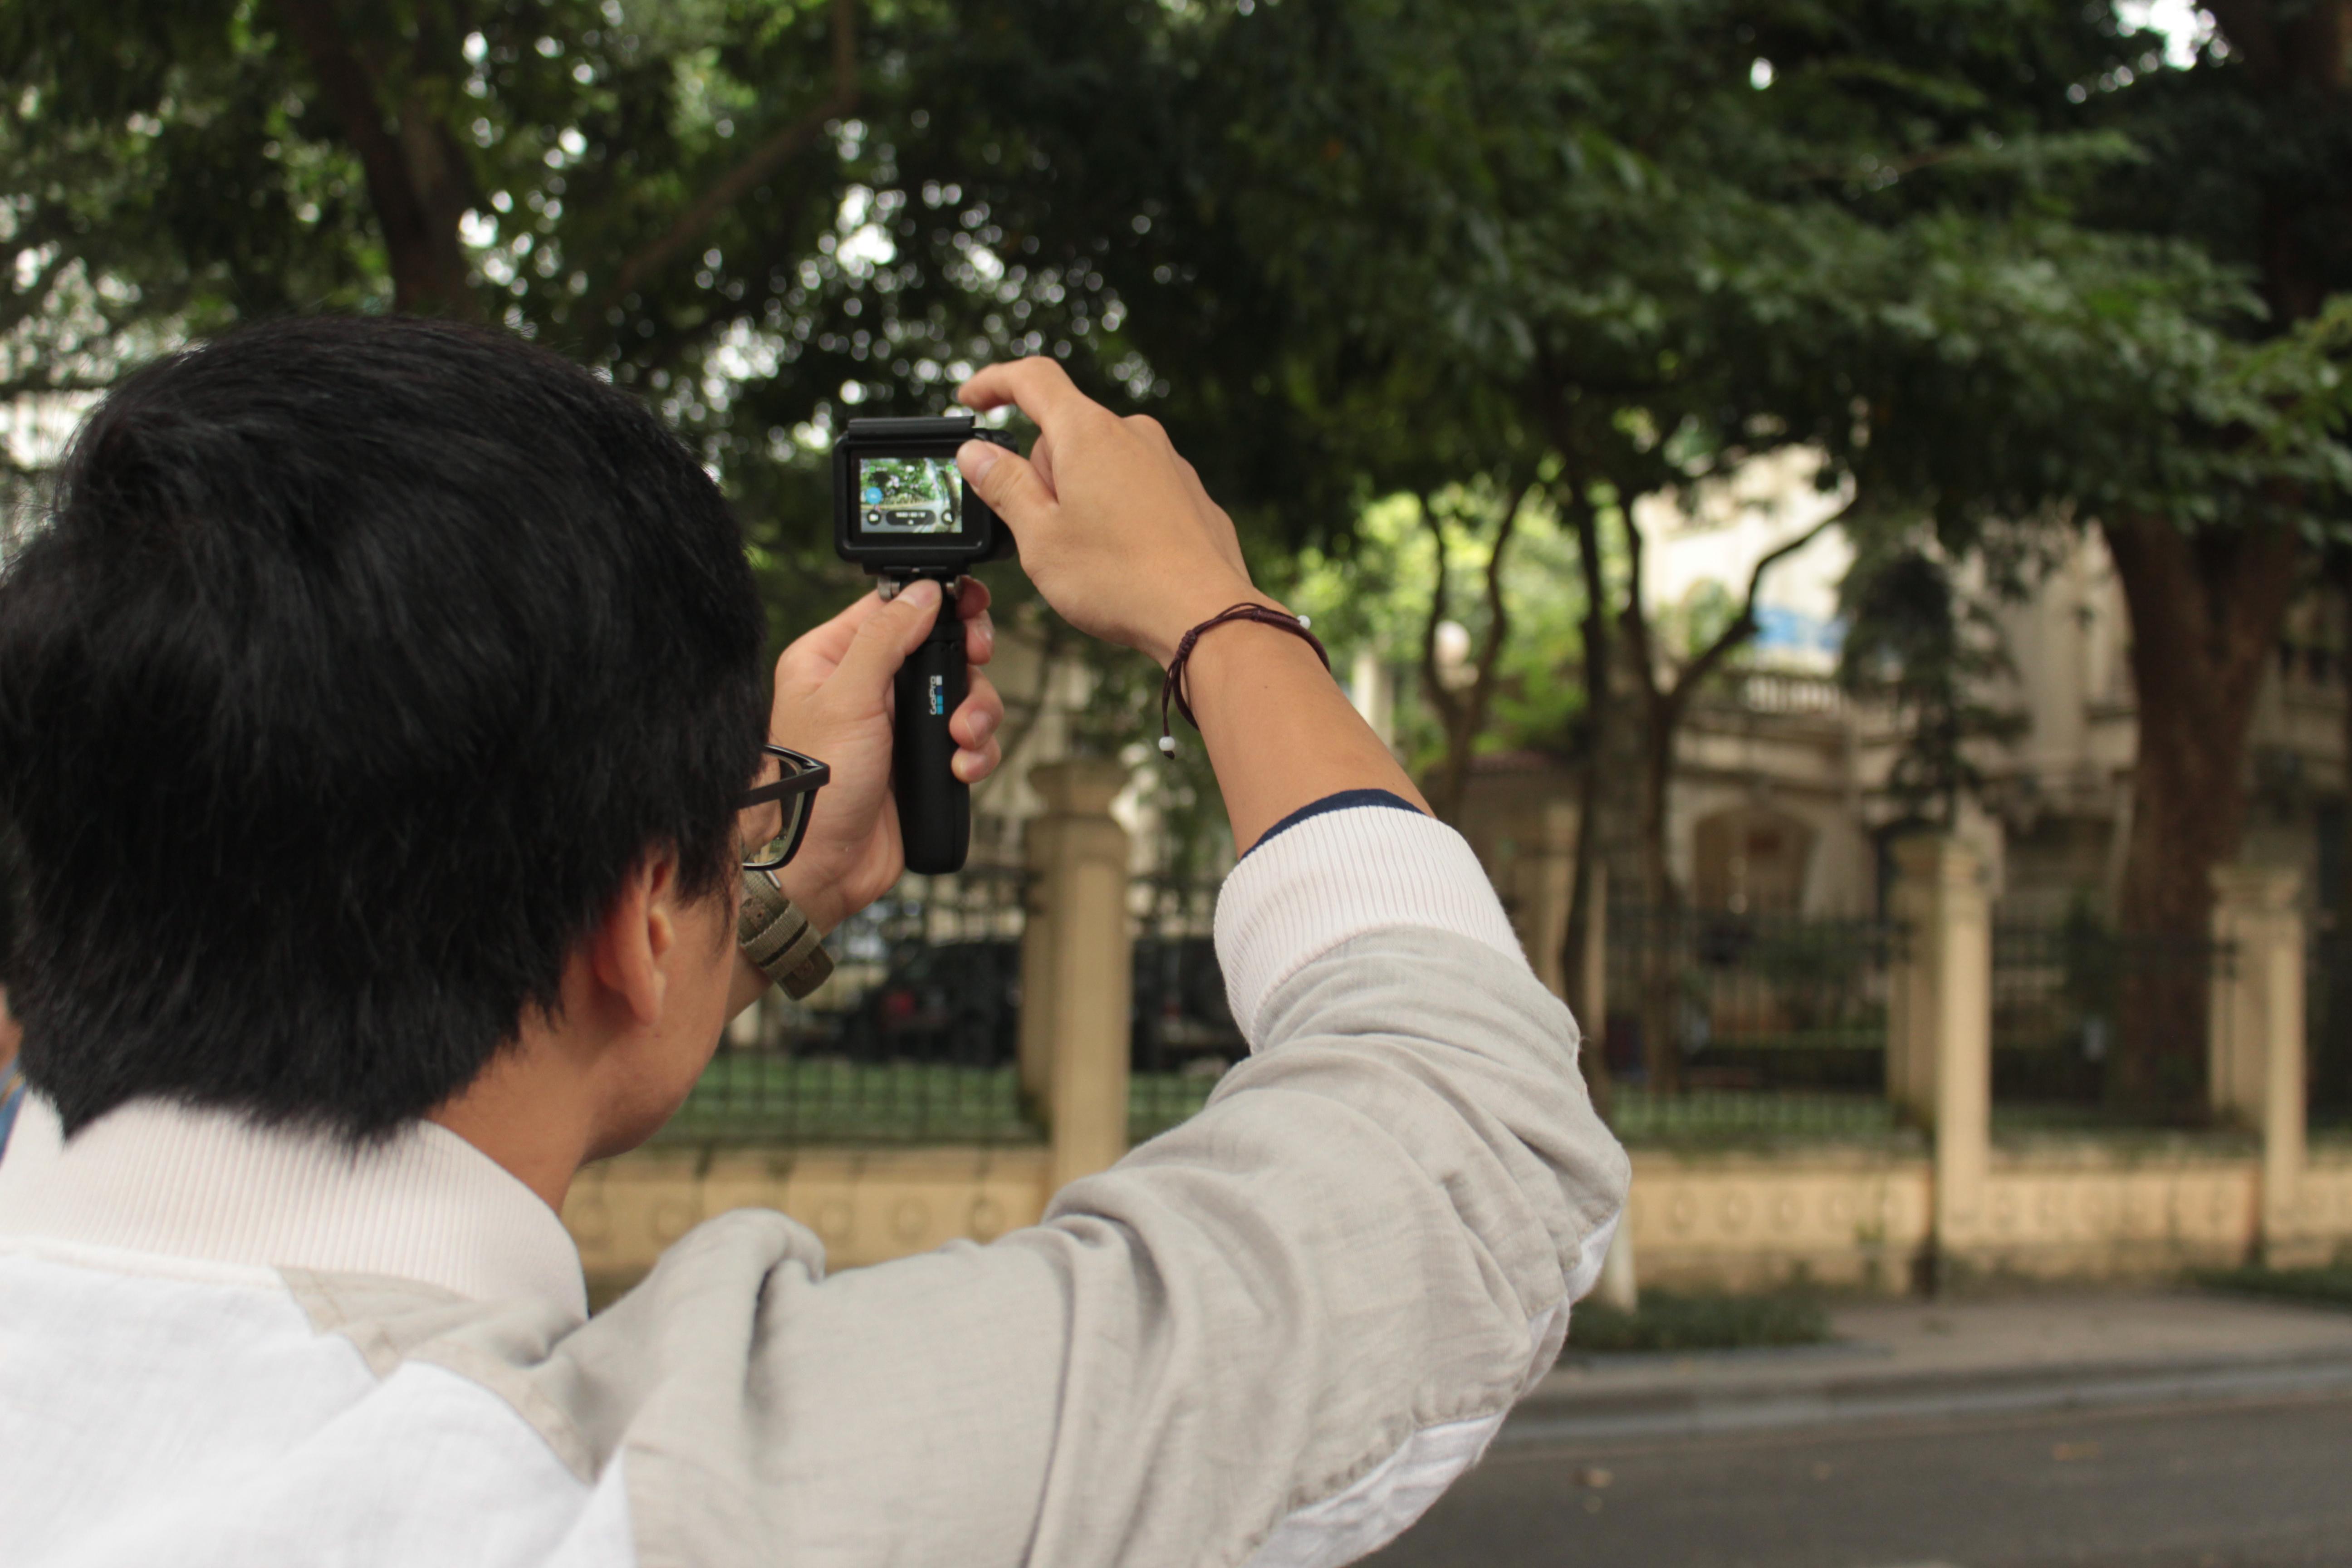 Người dùng sử dụng ứng dụng Quik để chỉnh sửa video, ghép nhạc, tạo hiệu ứng thông minh và nhanh chóng trên một ứng dụng. Video giới hạn độ dài khoảng 30 giây và 3 video xuất sắc nhất sẽ được BTC chương trình trao tặng 3 chiếc GoPro chính hãng mới nhất tại Việt Nam.